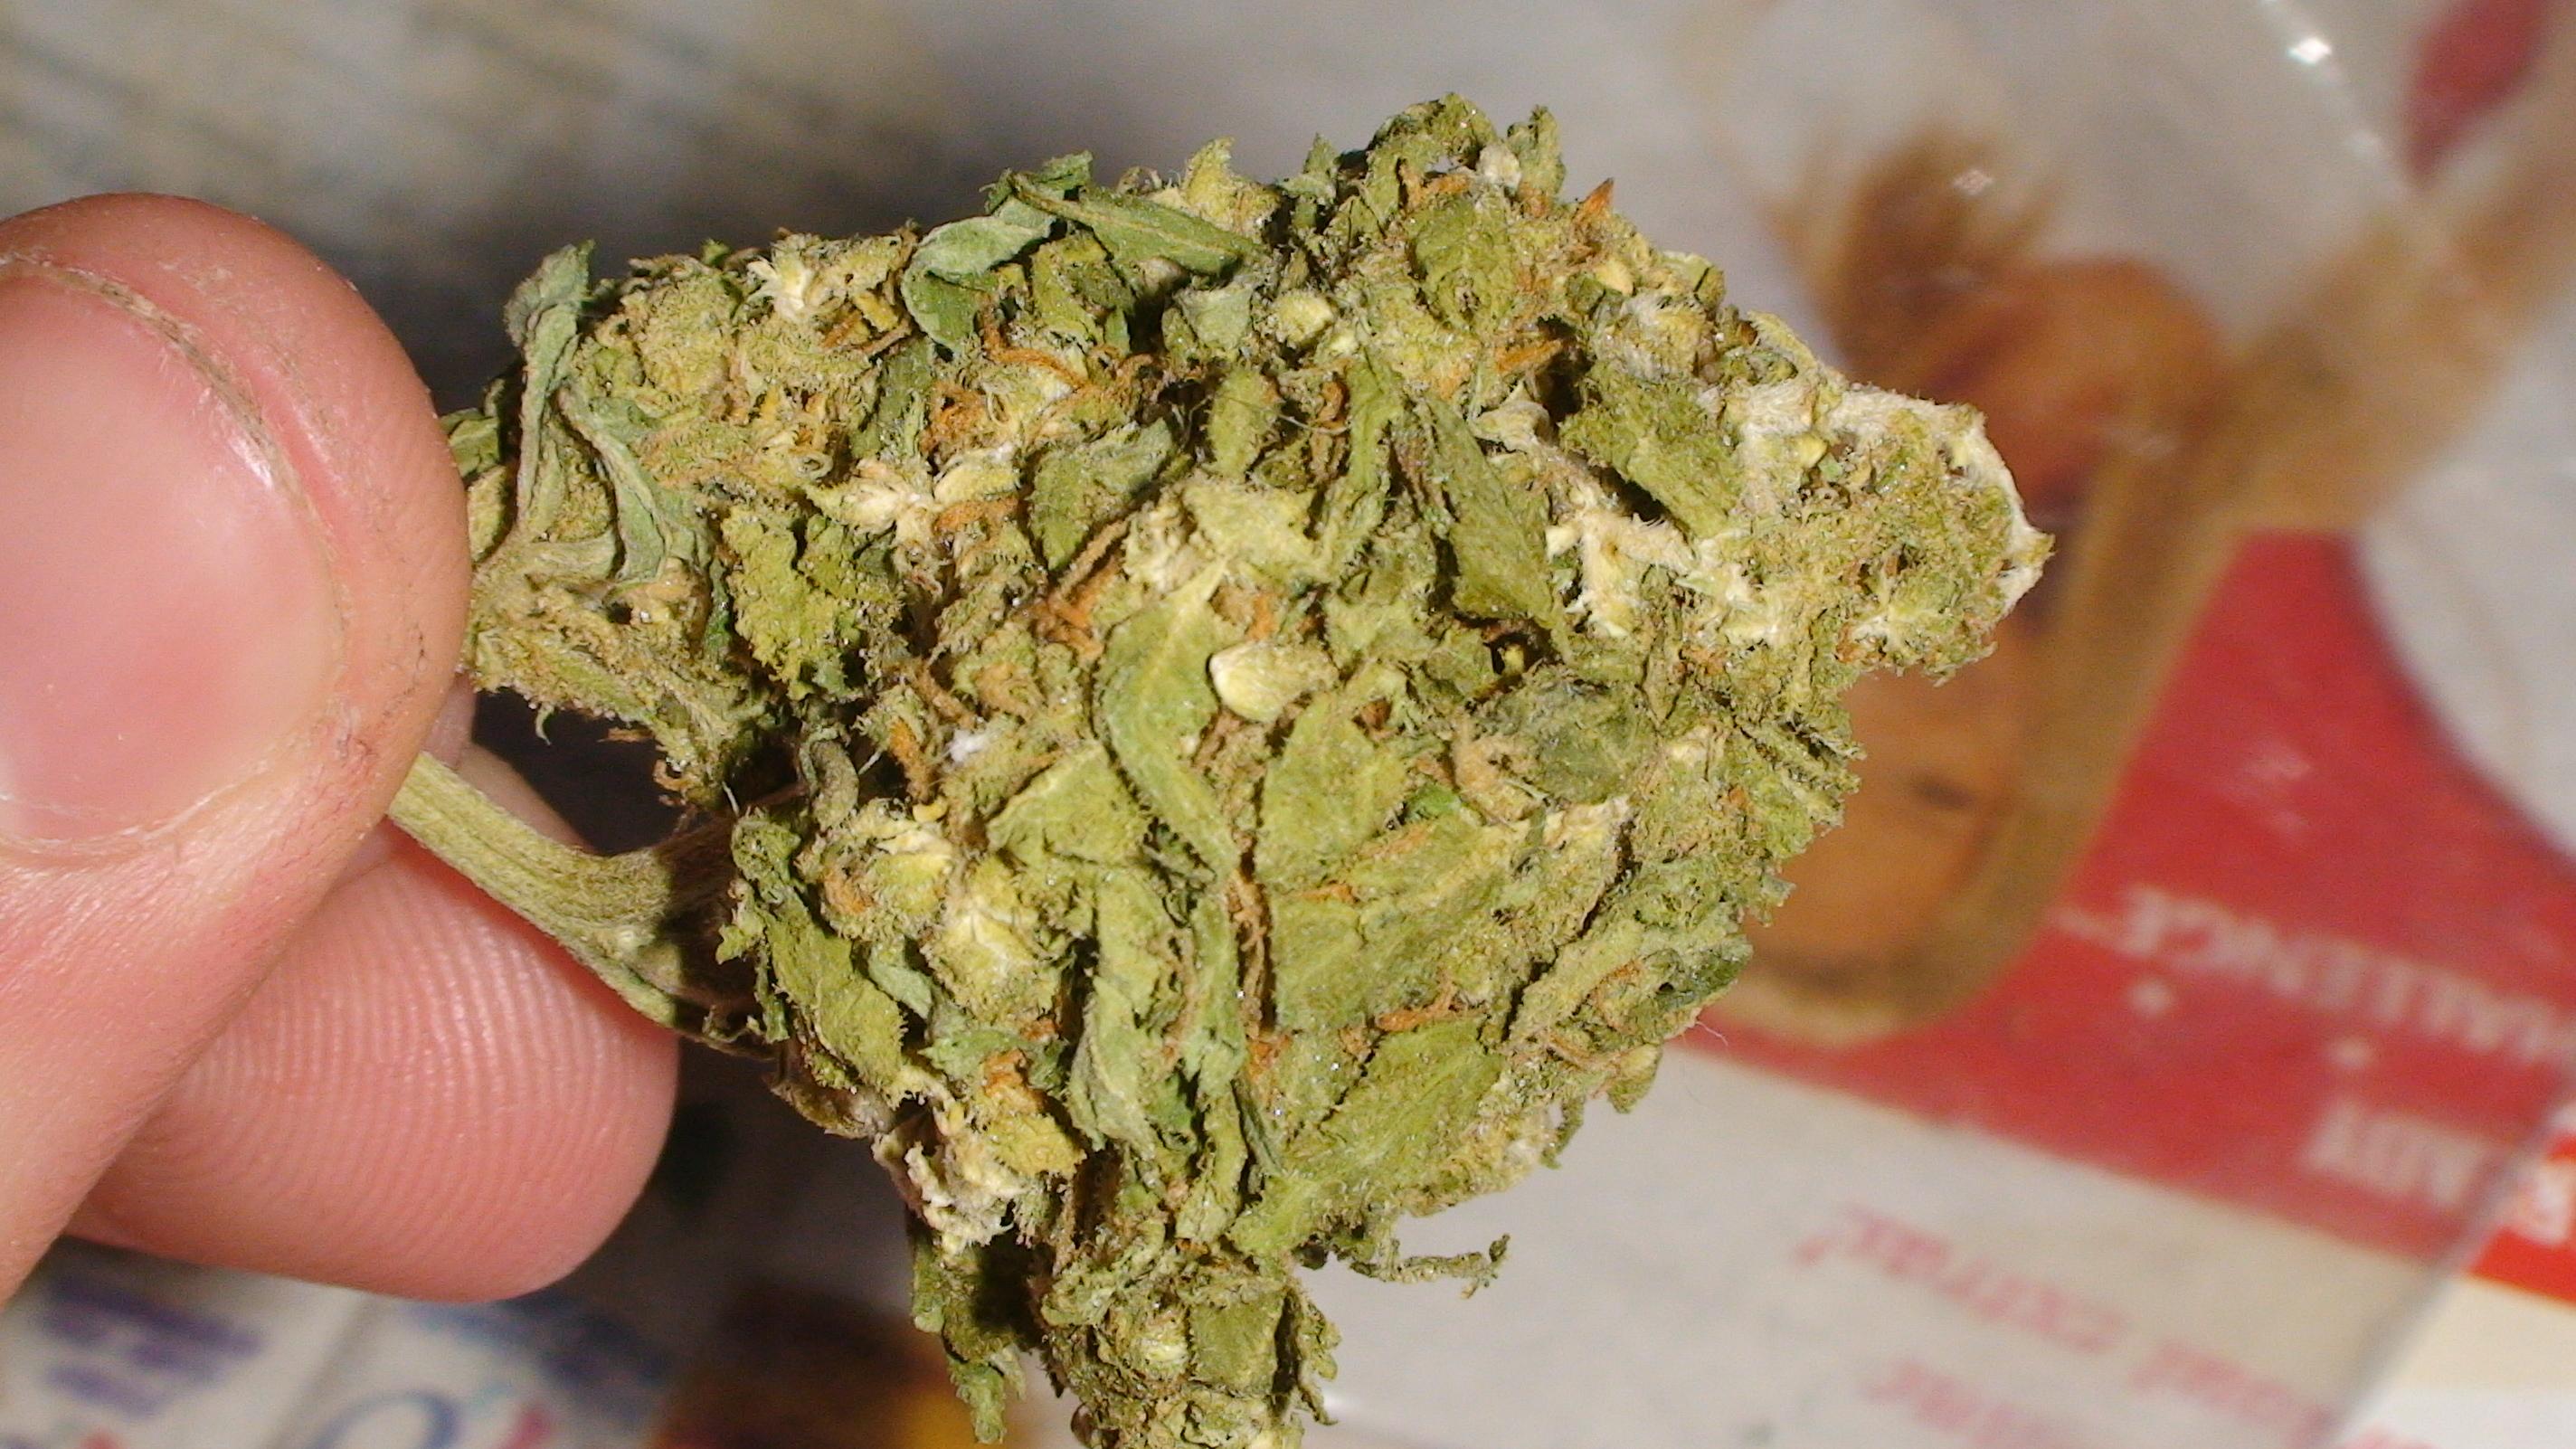 Skunk Weed.